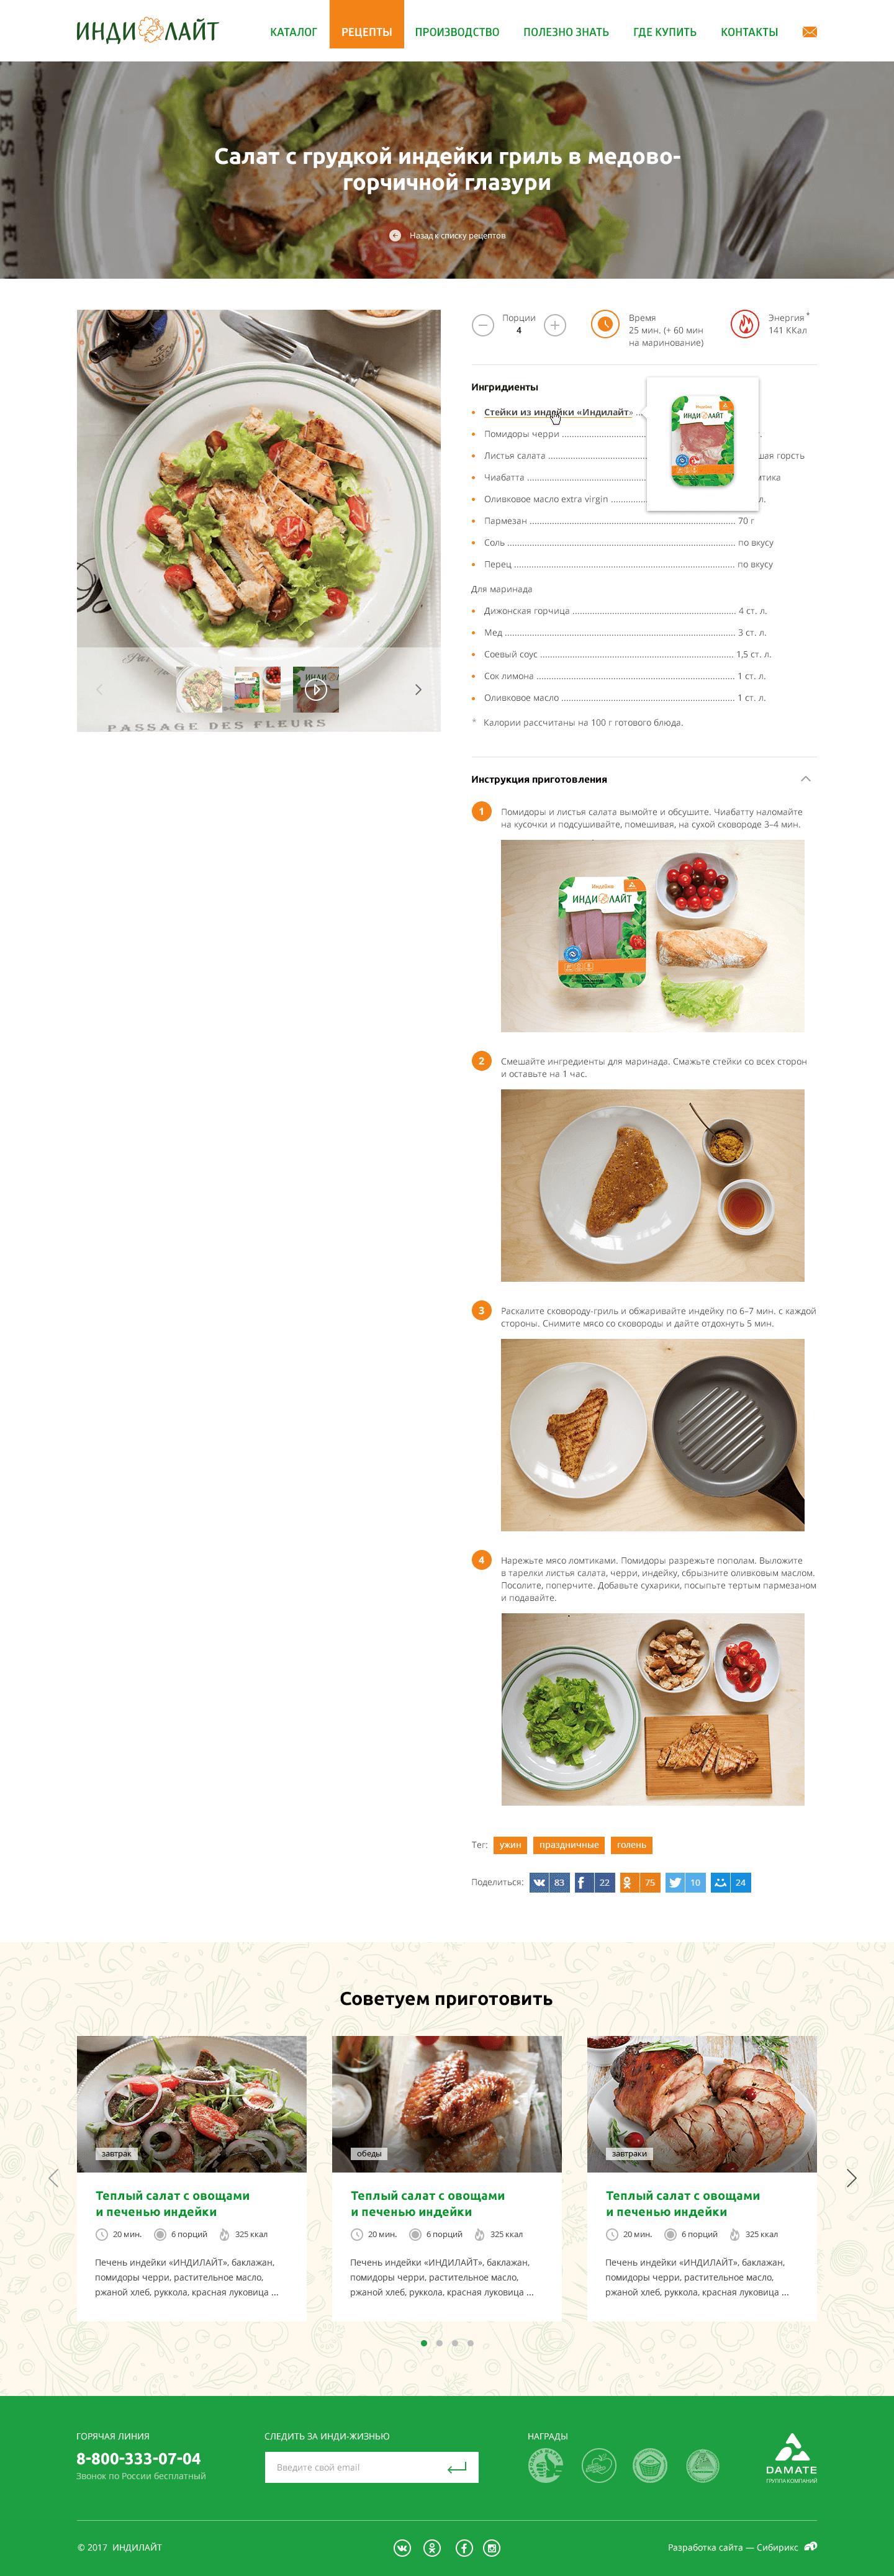 <p><b>Рецепты</b></p><p>Вразделе рецептов мыпродумали множество мелочей: привязали вблок ингредиентов продукты изкаталога; добавили калькулятор ингредиентов, чтобы непришлось мучительно умножать вуме ложки, стаканы иштуки наколичество порций; закрепили фотографию блюда слева, чтобы можно было скроллить этапы приготовления, нетеряя её извиду.</p>